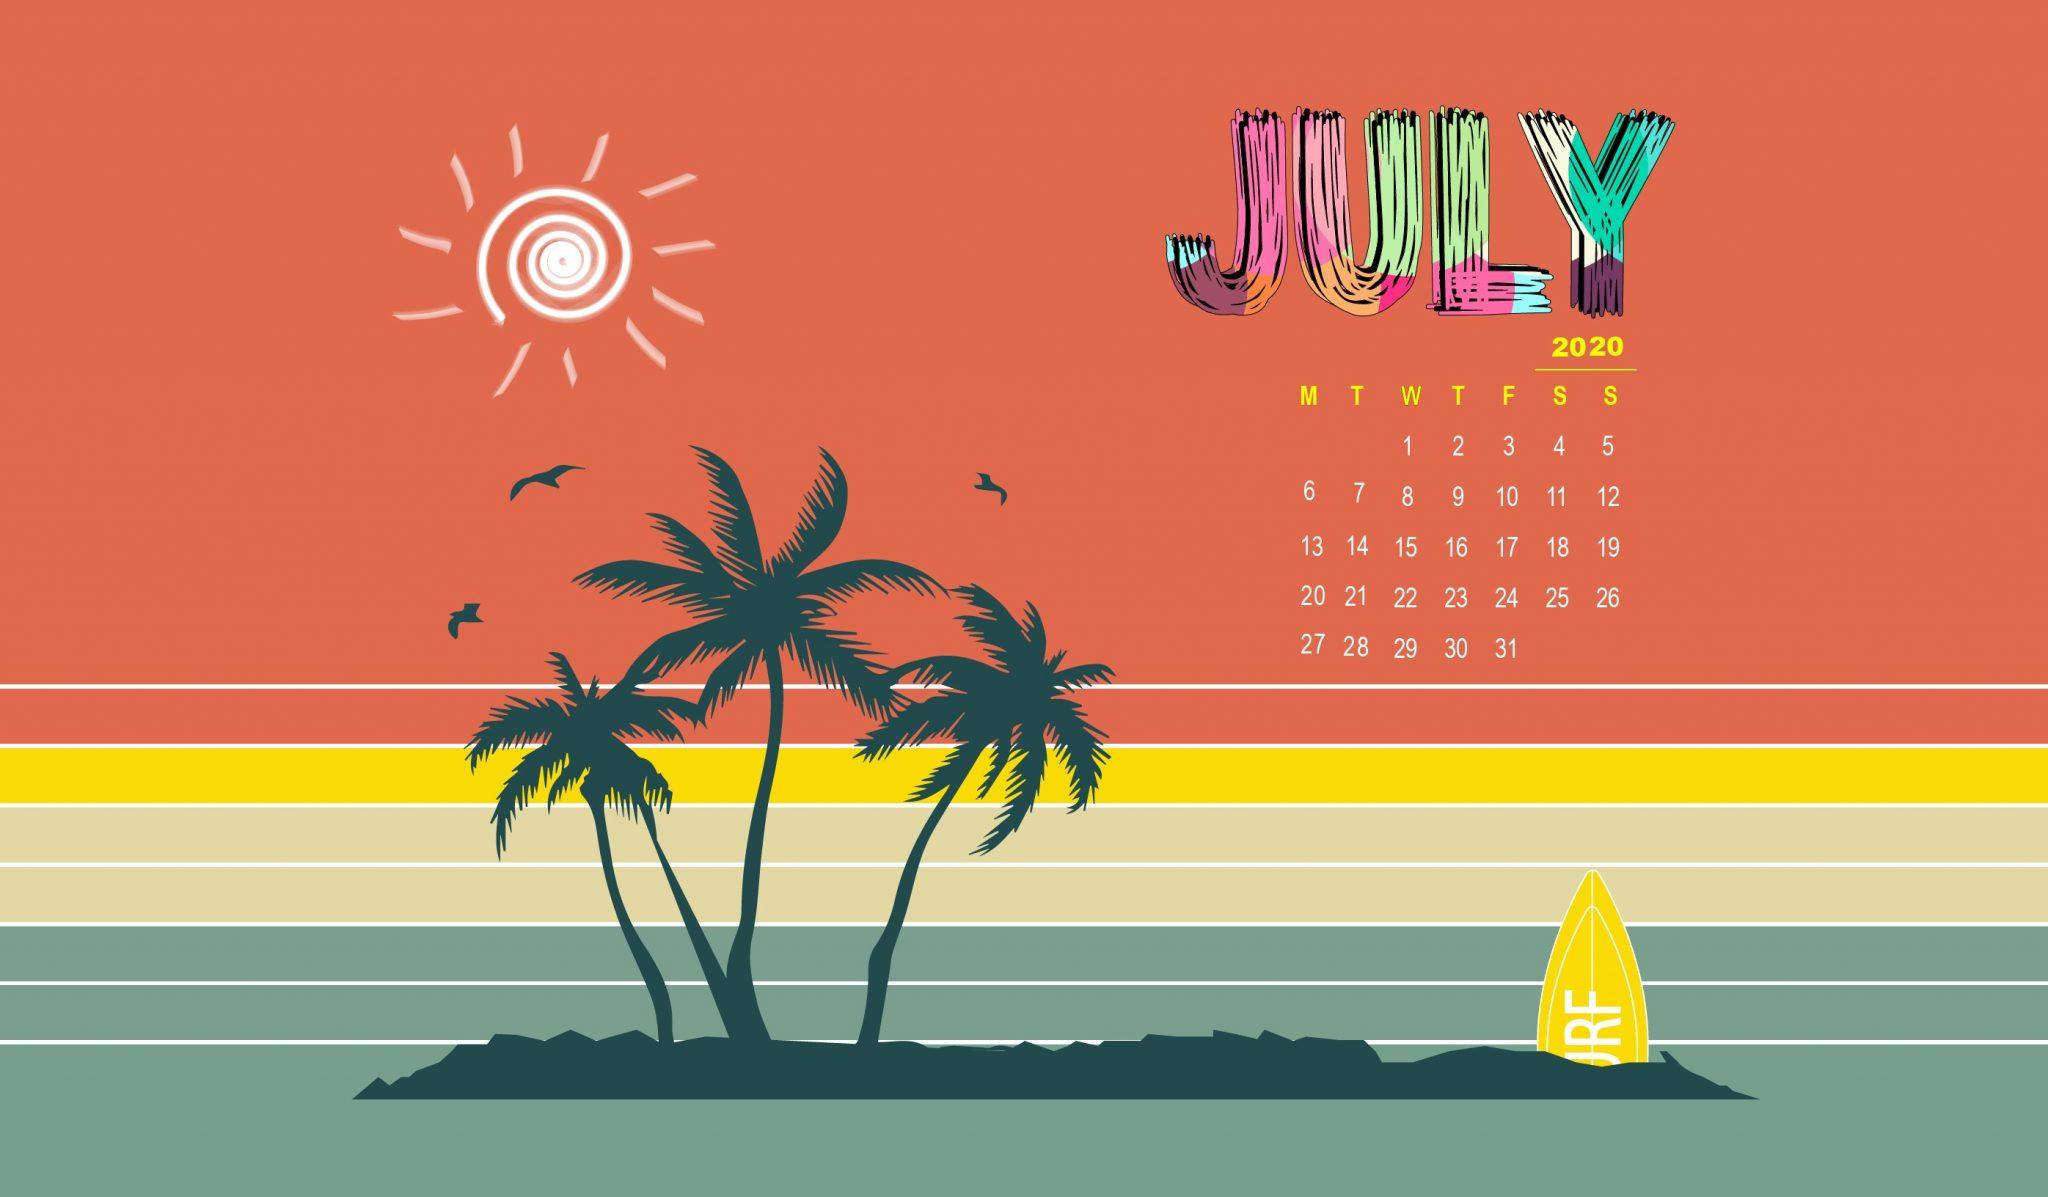 Desktop 2020 Calendar Wallpaper Calendar 2019 2048x1197